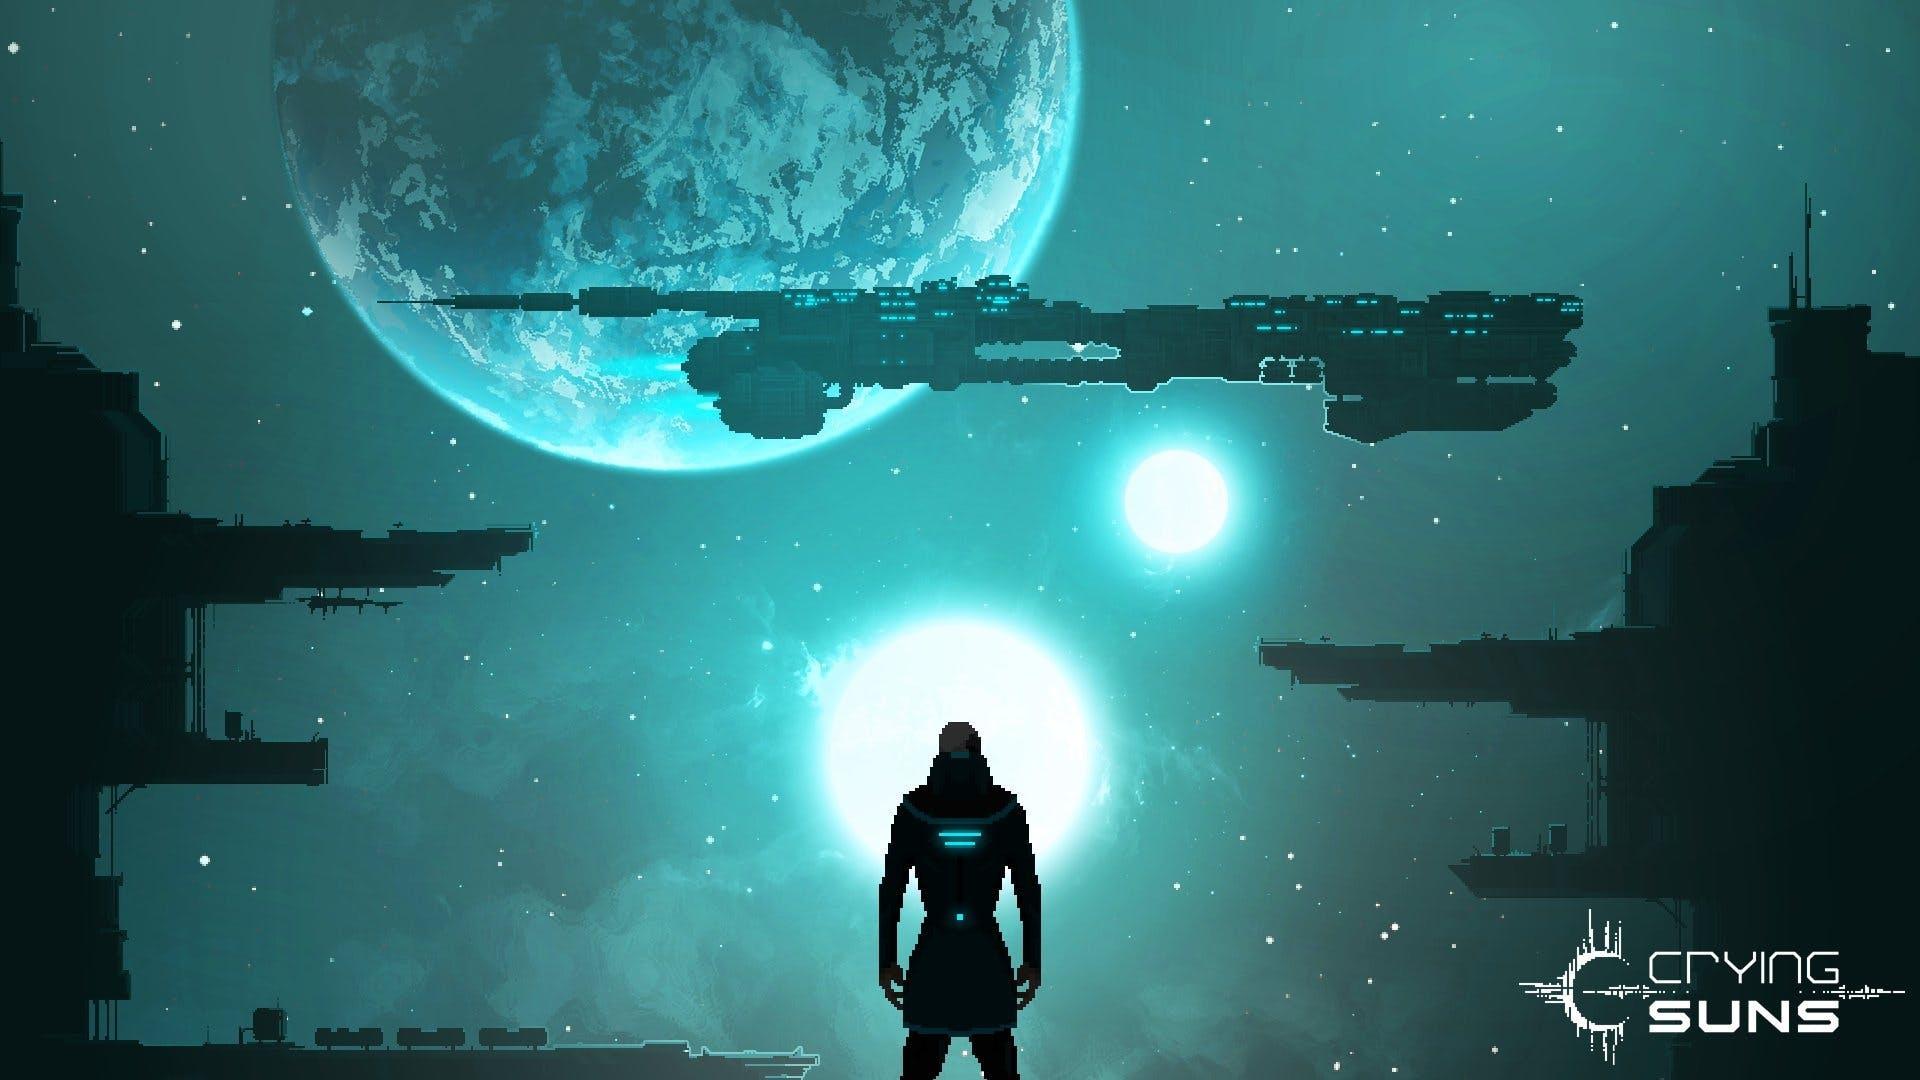 Симулятор адмирала космического флота Crying Suns можно скачать бесплатно и навсегда